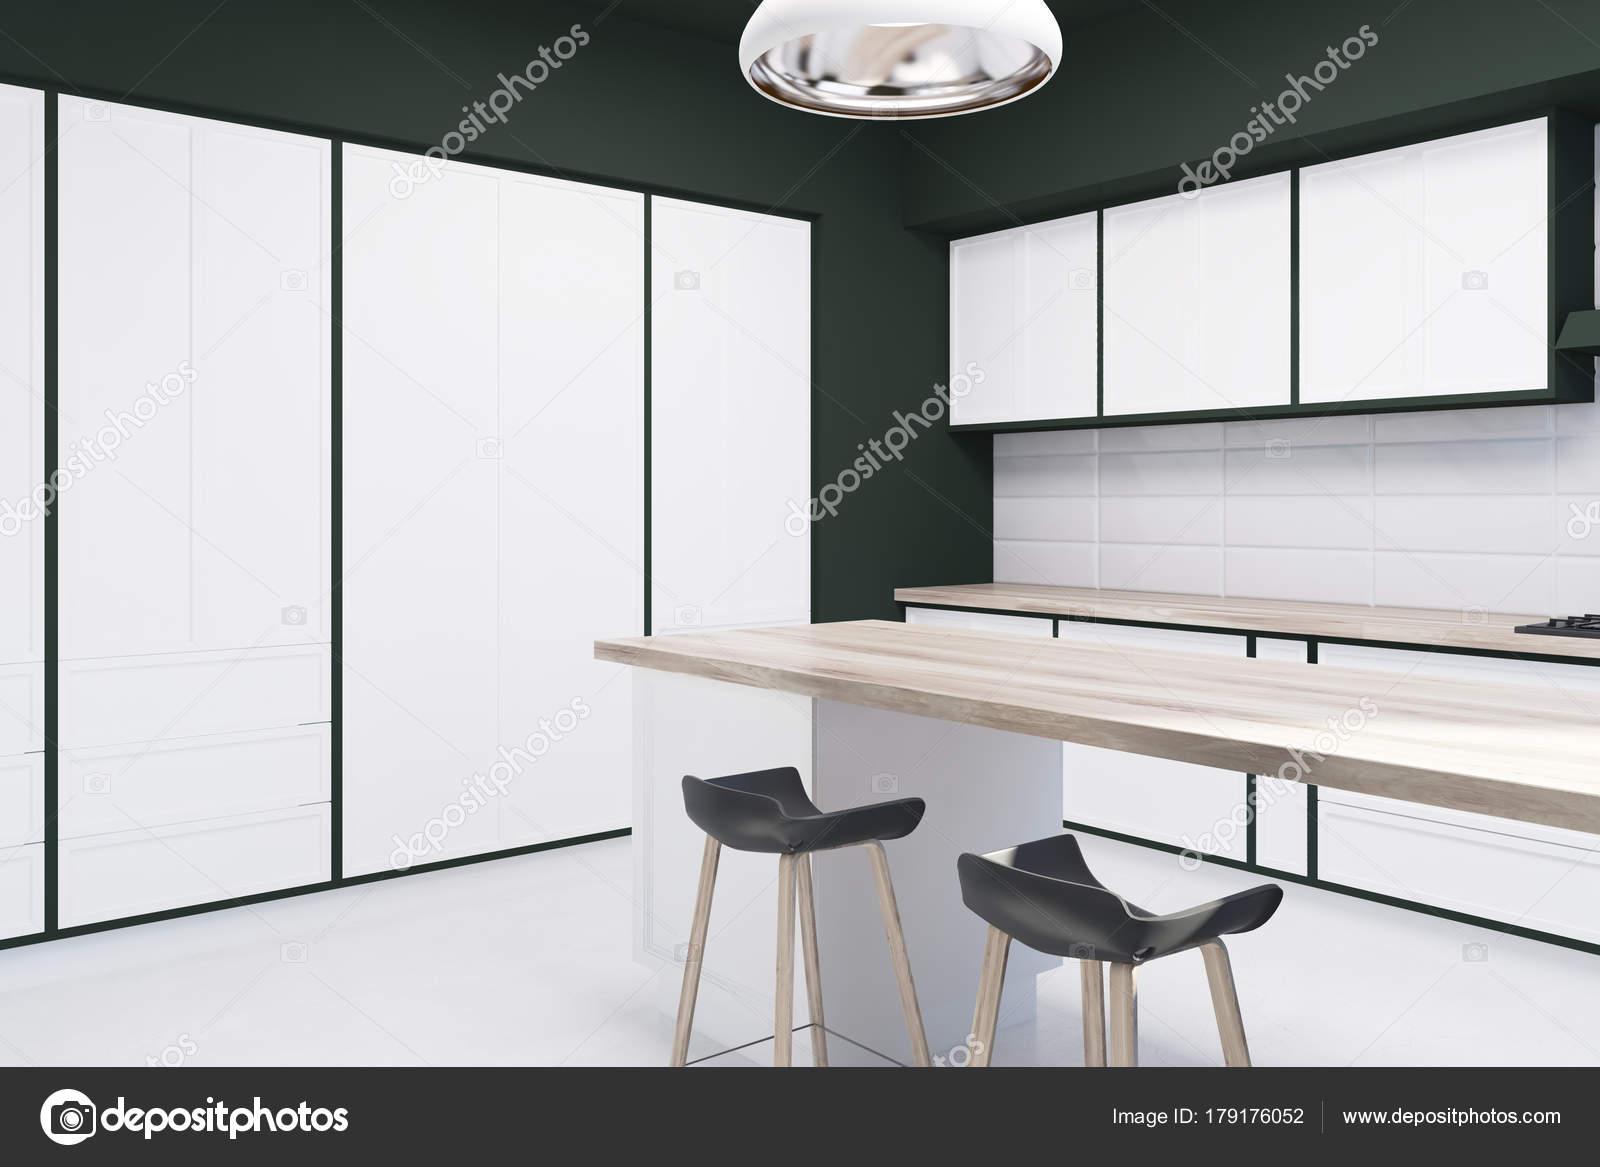 wei e fliesen und schwarze k che bar seite stockfoto denisismagilov 179176052. Black Bedroom Furniture Sets. Home Design Ideas